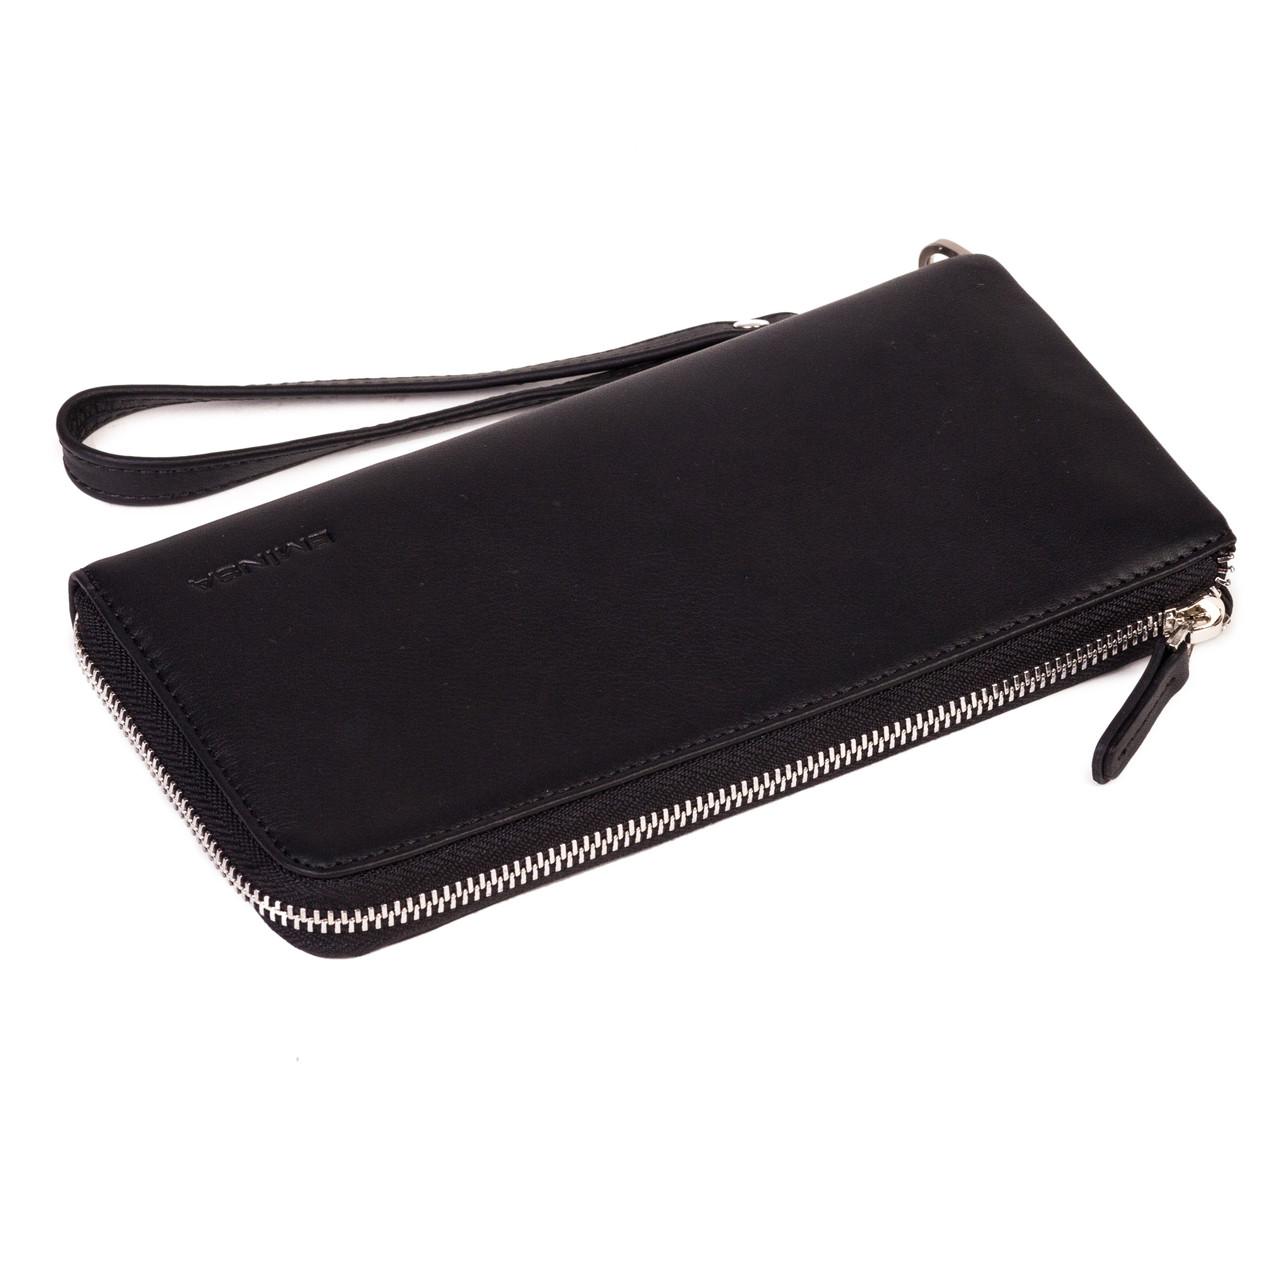 Мужской клатч Eminsa 2104-3-1 кожаный чёрный